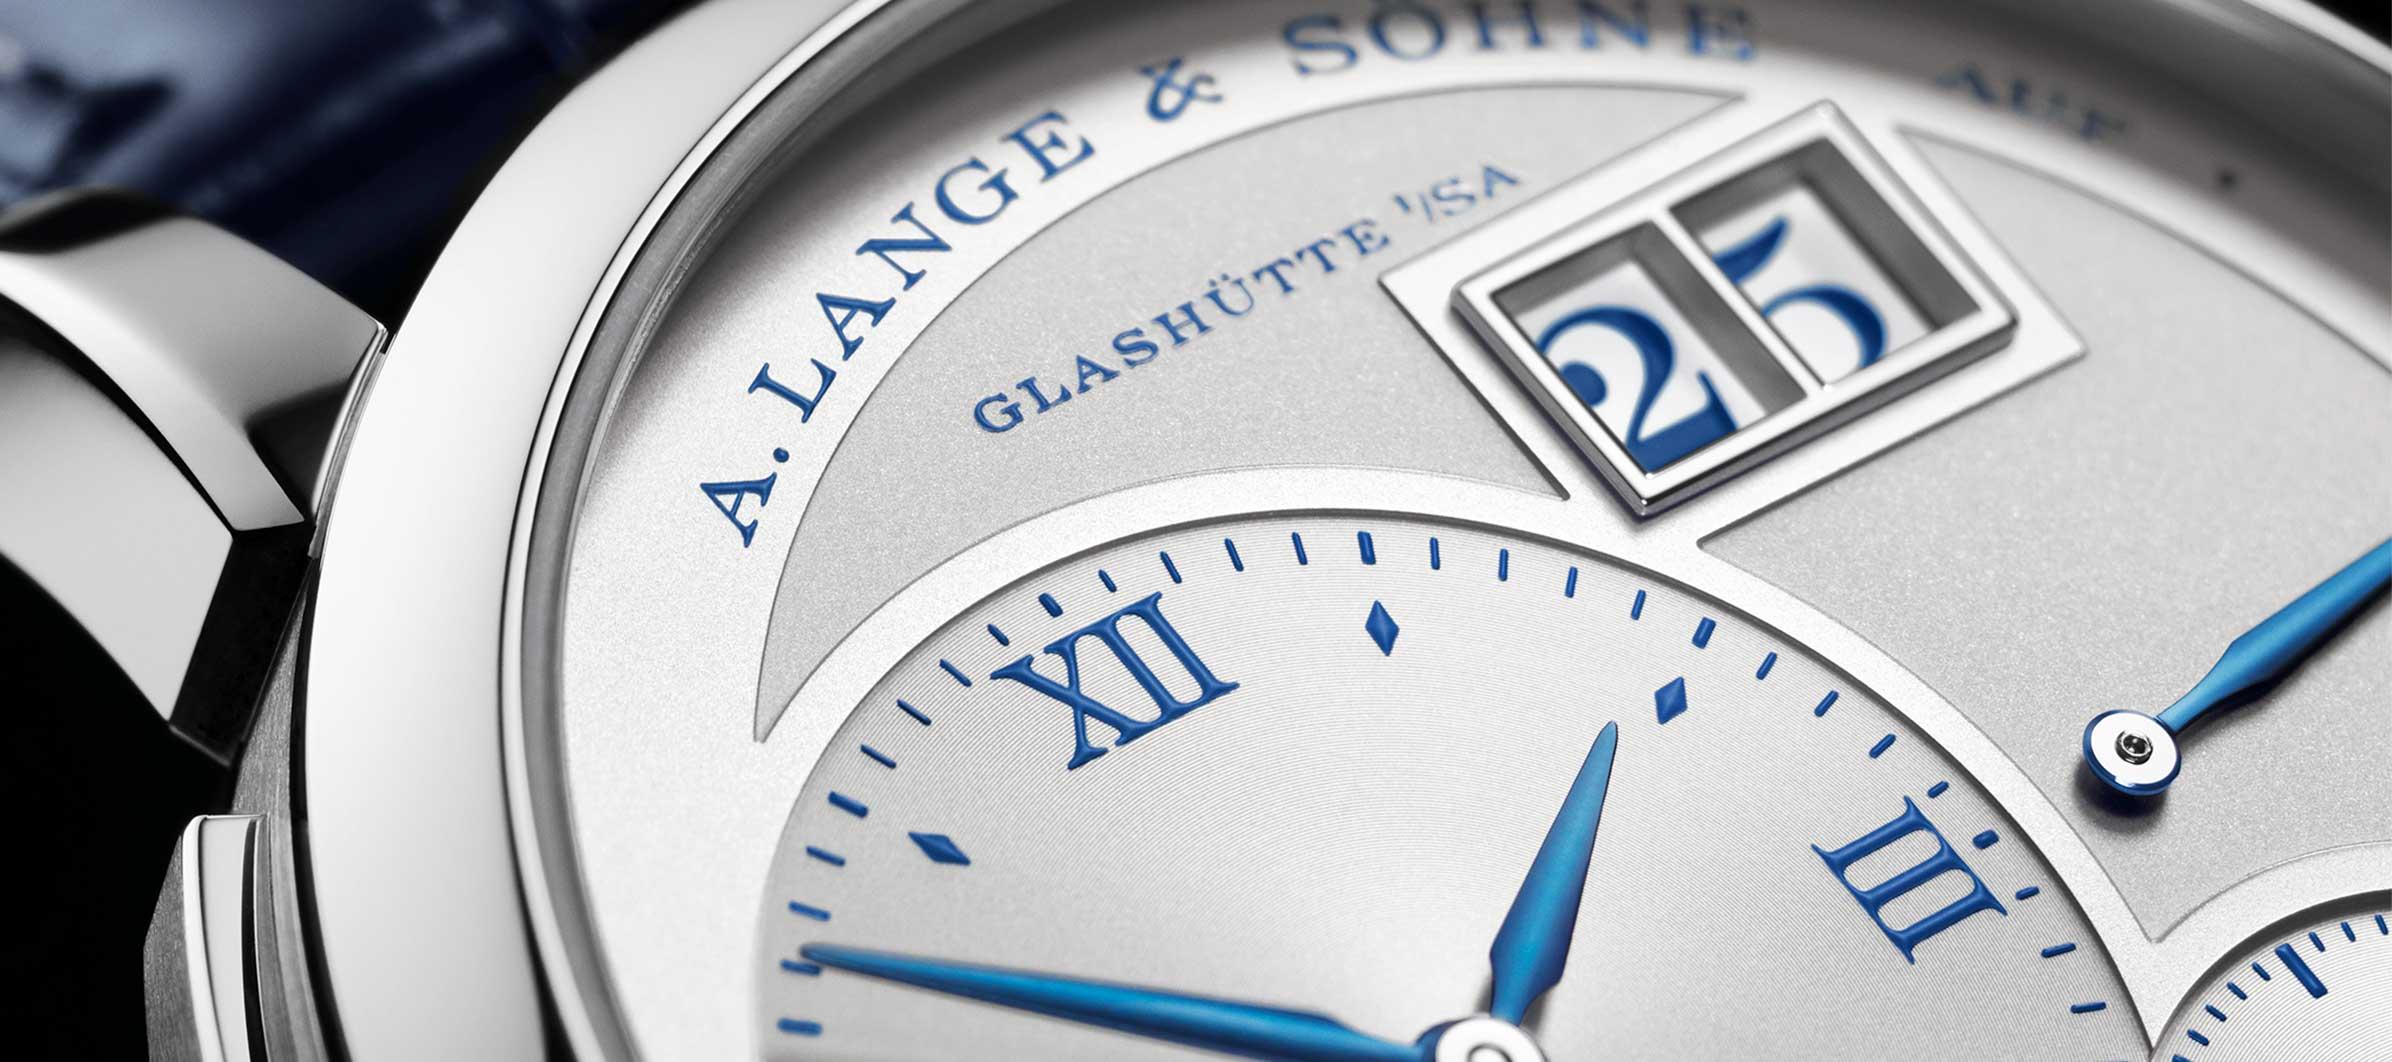 SIHH2019新作 A.ランゲ&ゾーネ LANGE 1 25周年記念モデル Ref.191.066